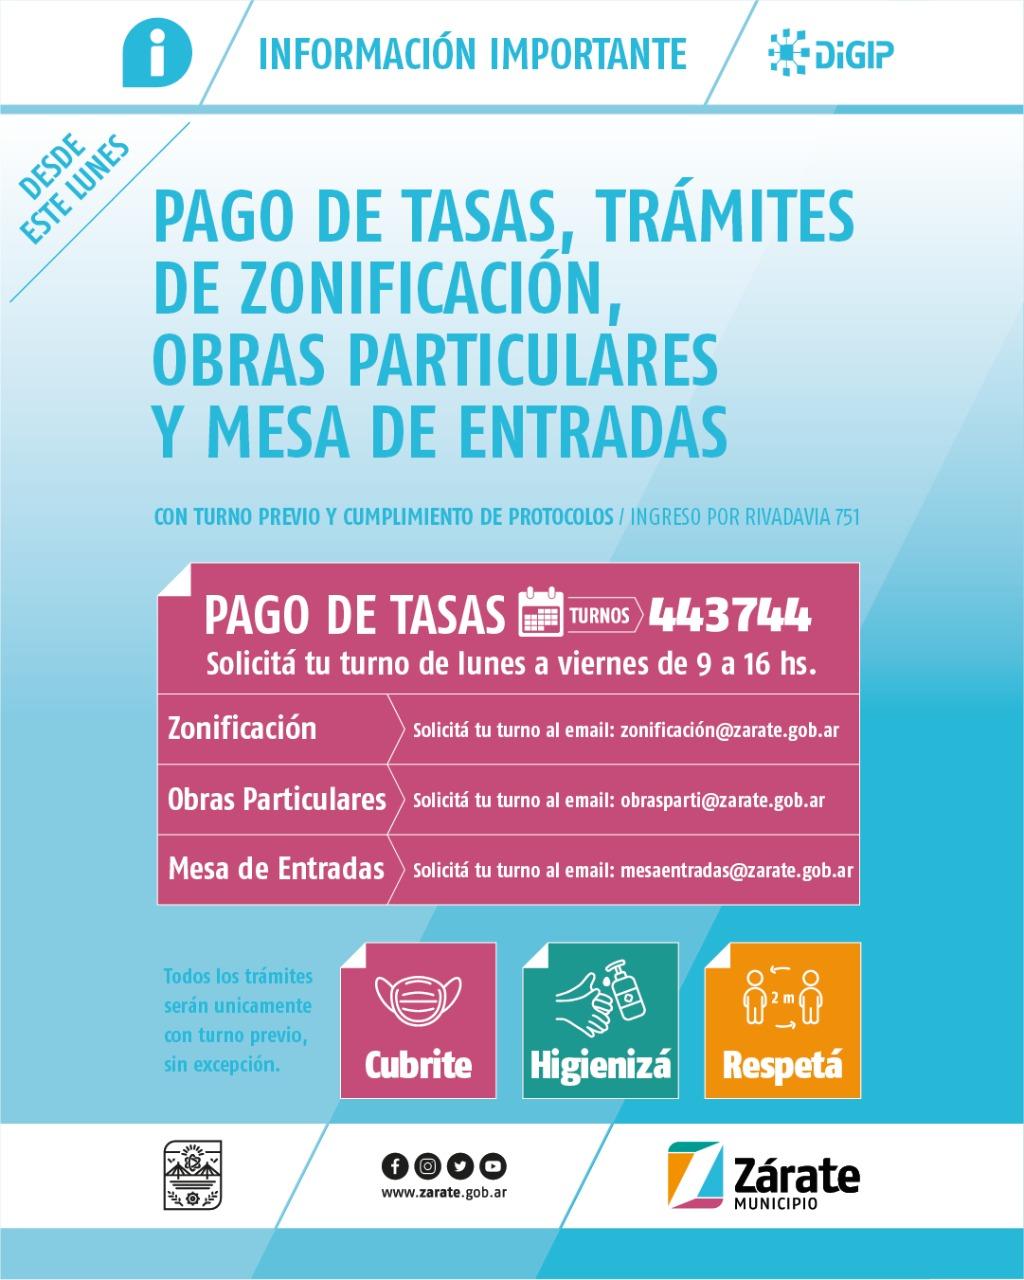 Zárate Municipio Informa: